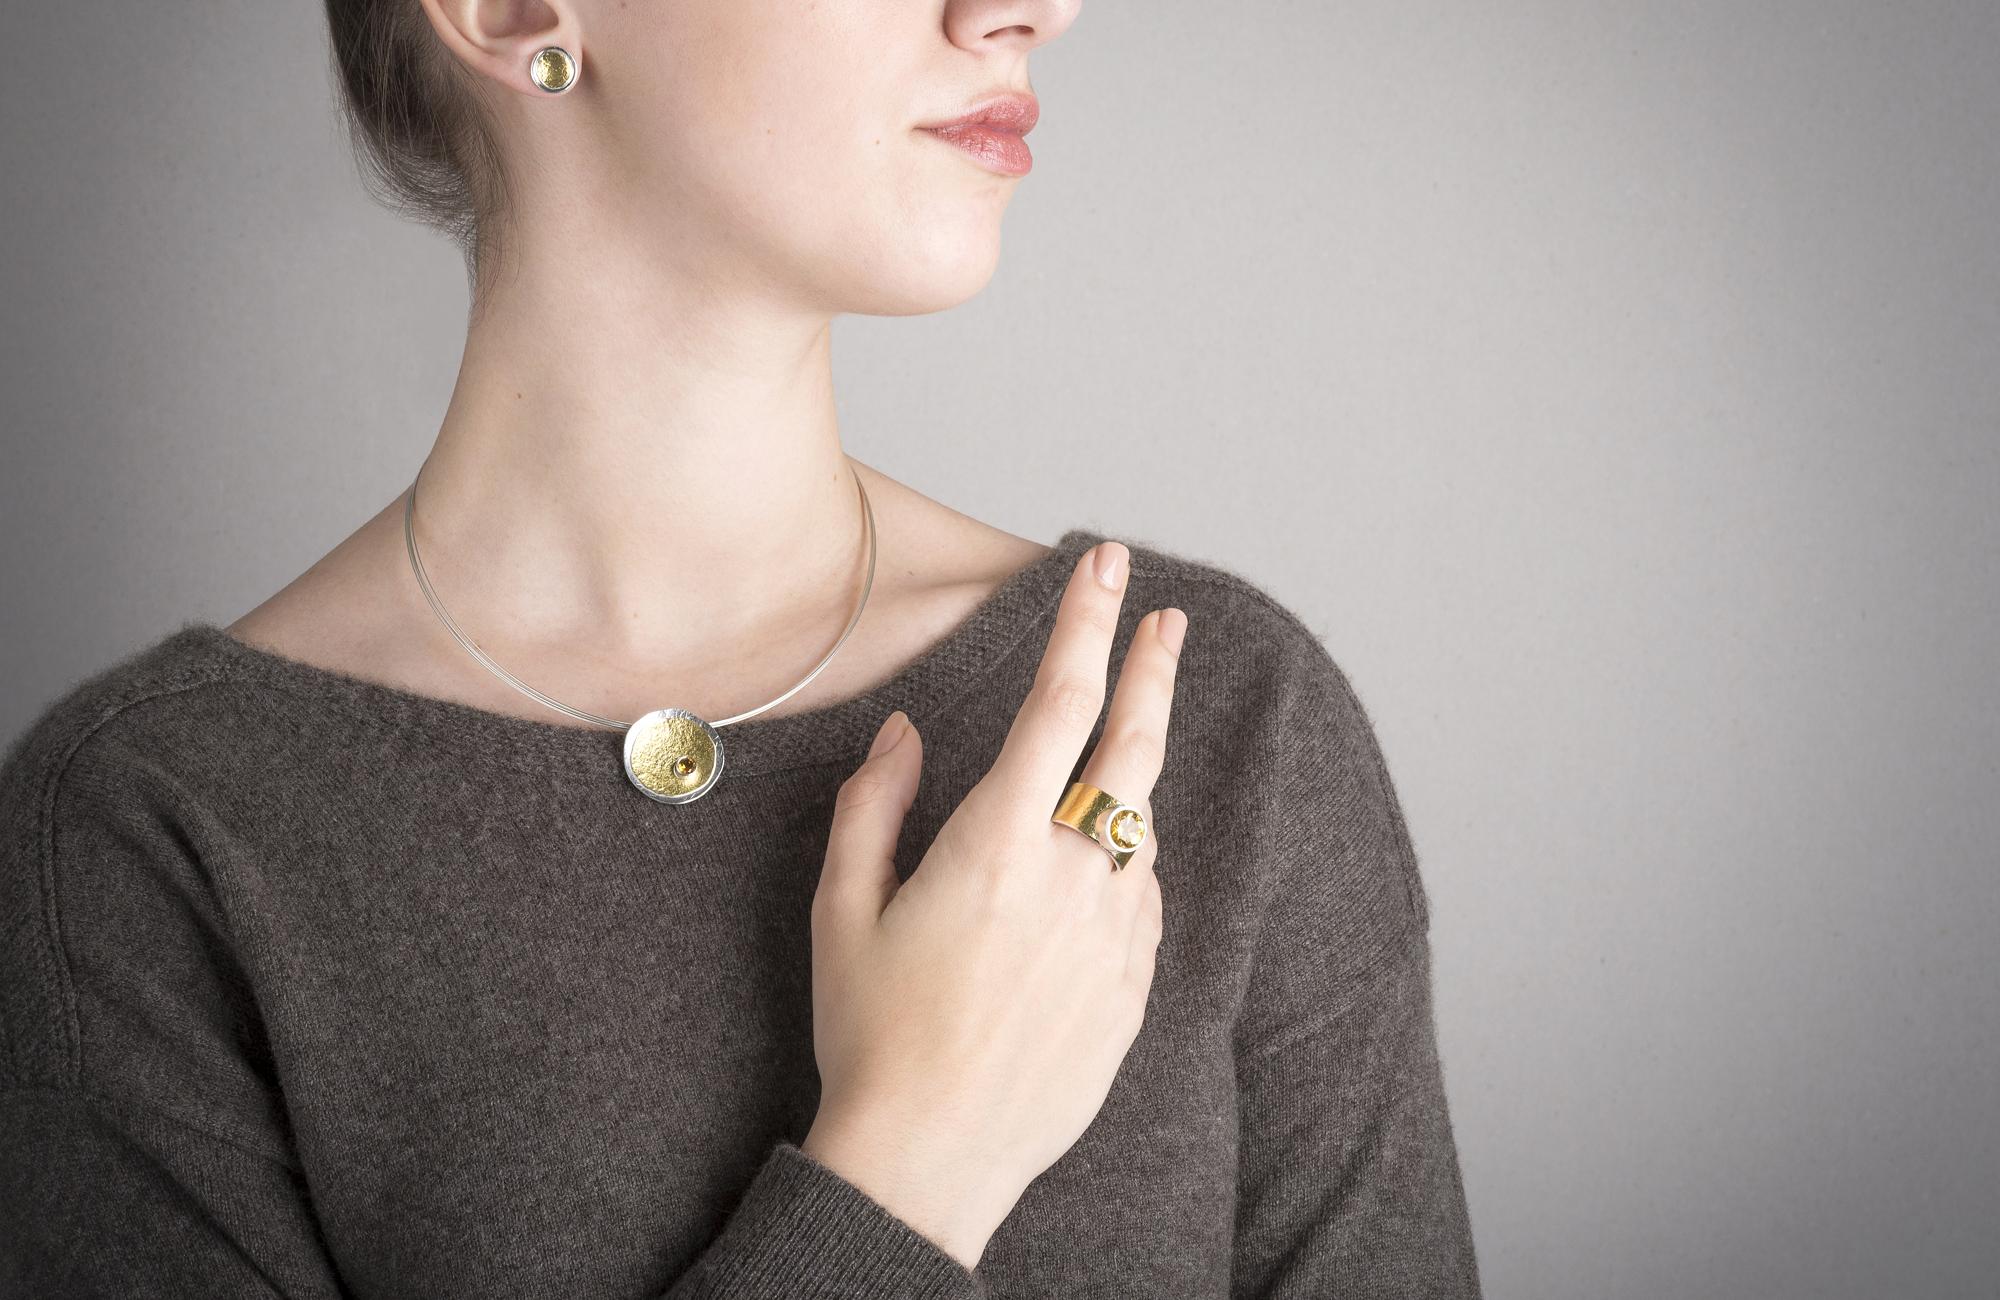 Collection MOUNTAIN - Kette, Ring und Ohrringe aus ethischem Silber und Gold 22 Karat, mit Zitrin